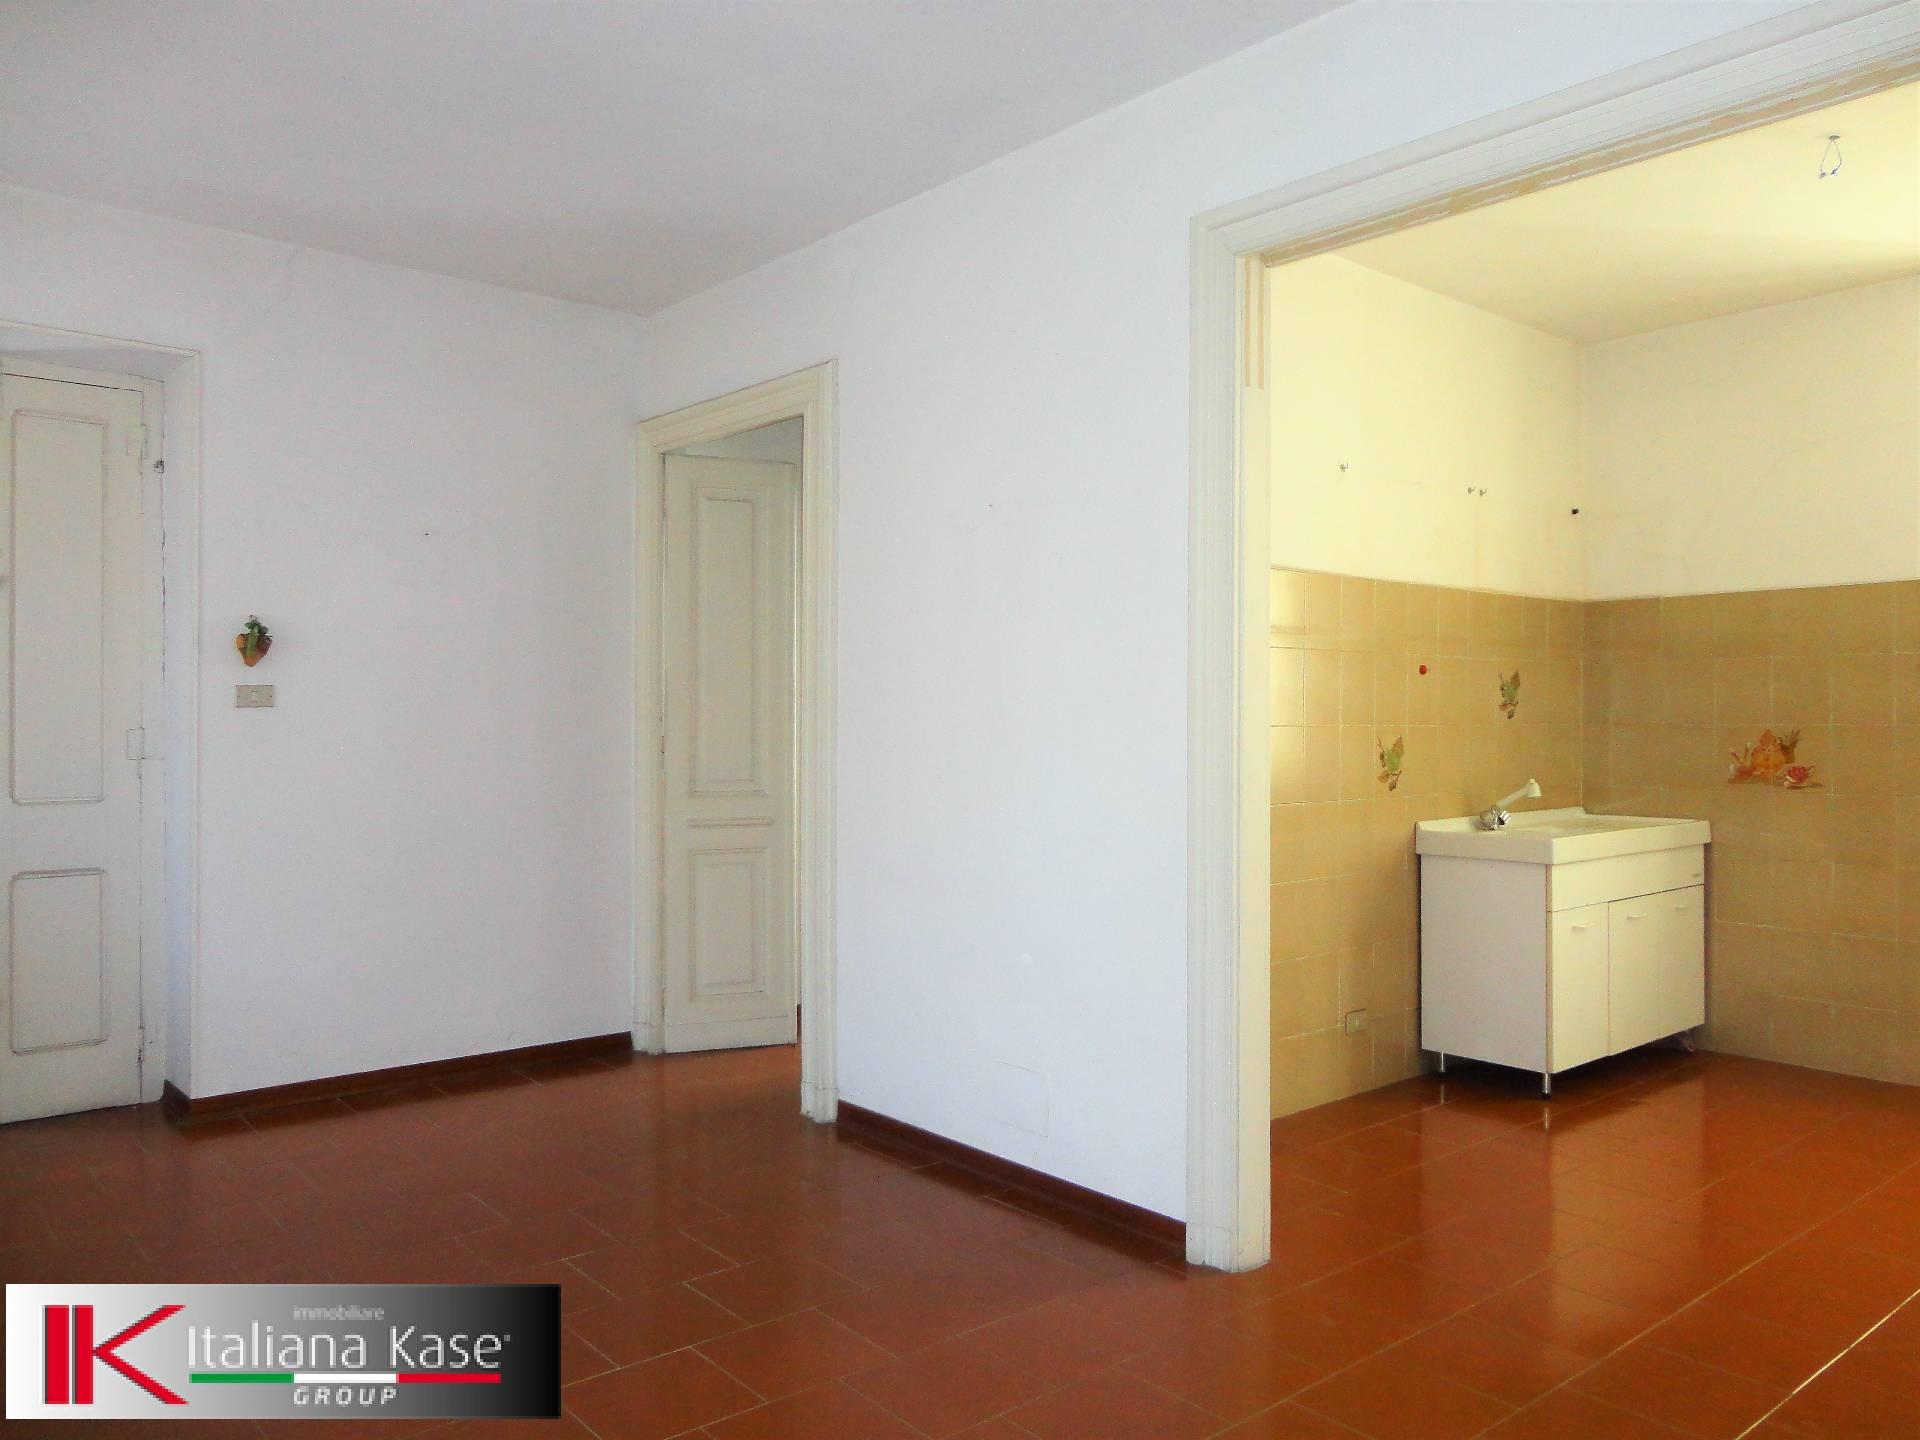 Appartamento in vendita a Caluso, 4 locali, prezzo € 69.000 | PortaleAgenzieImmobiliari.it